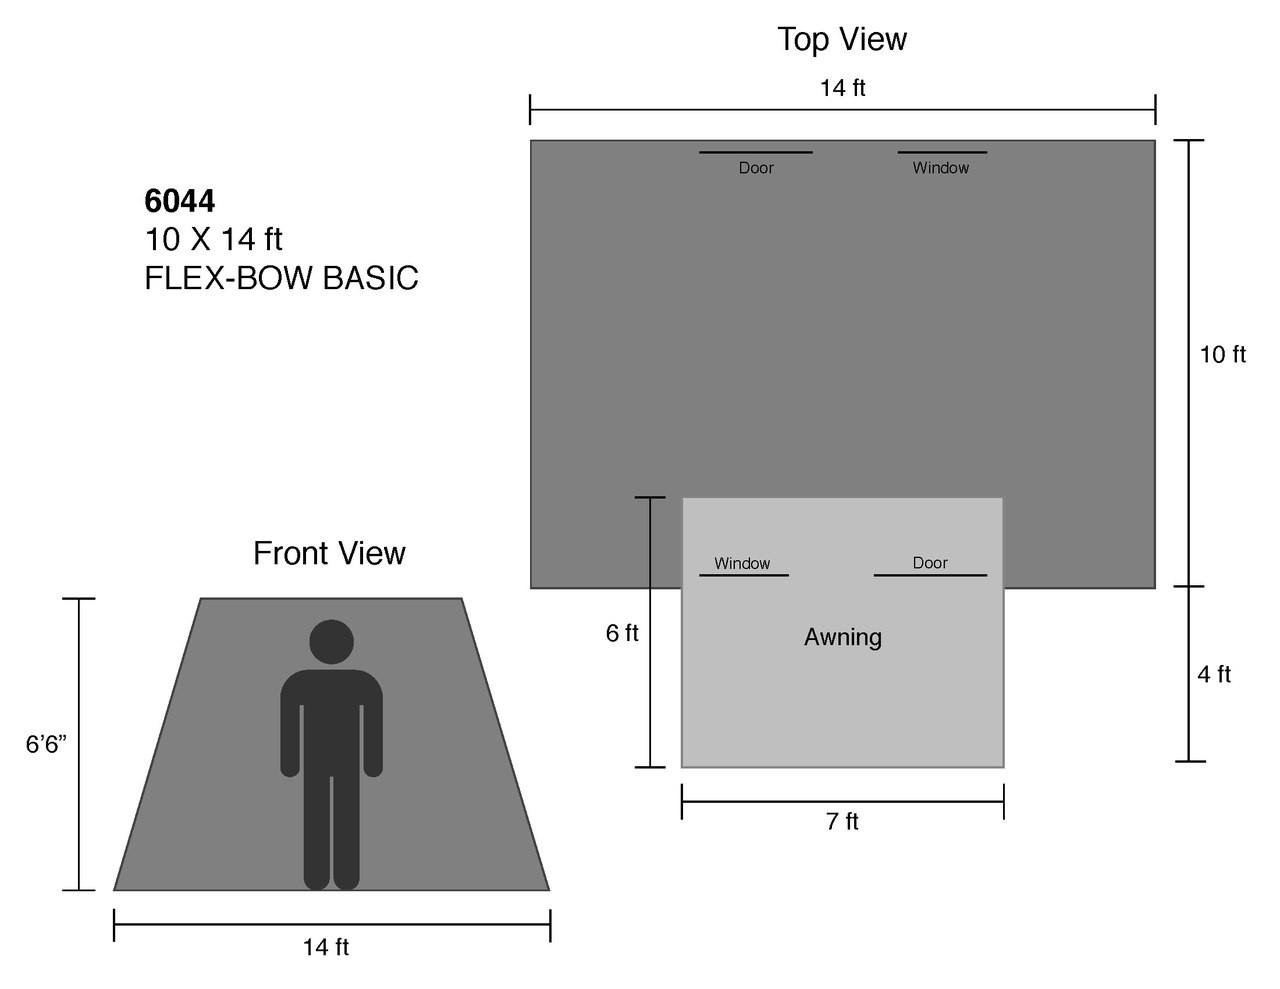 10 x 14 ft. Flex-Bow Canvas Tent Basic